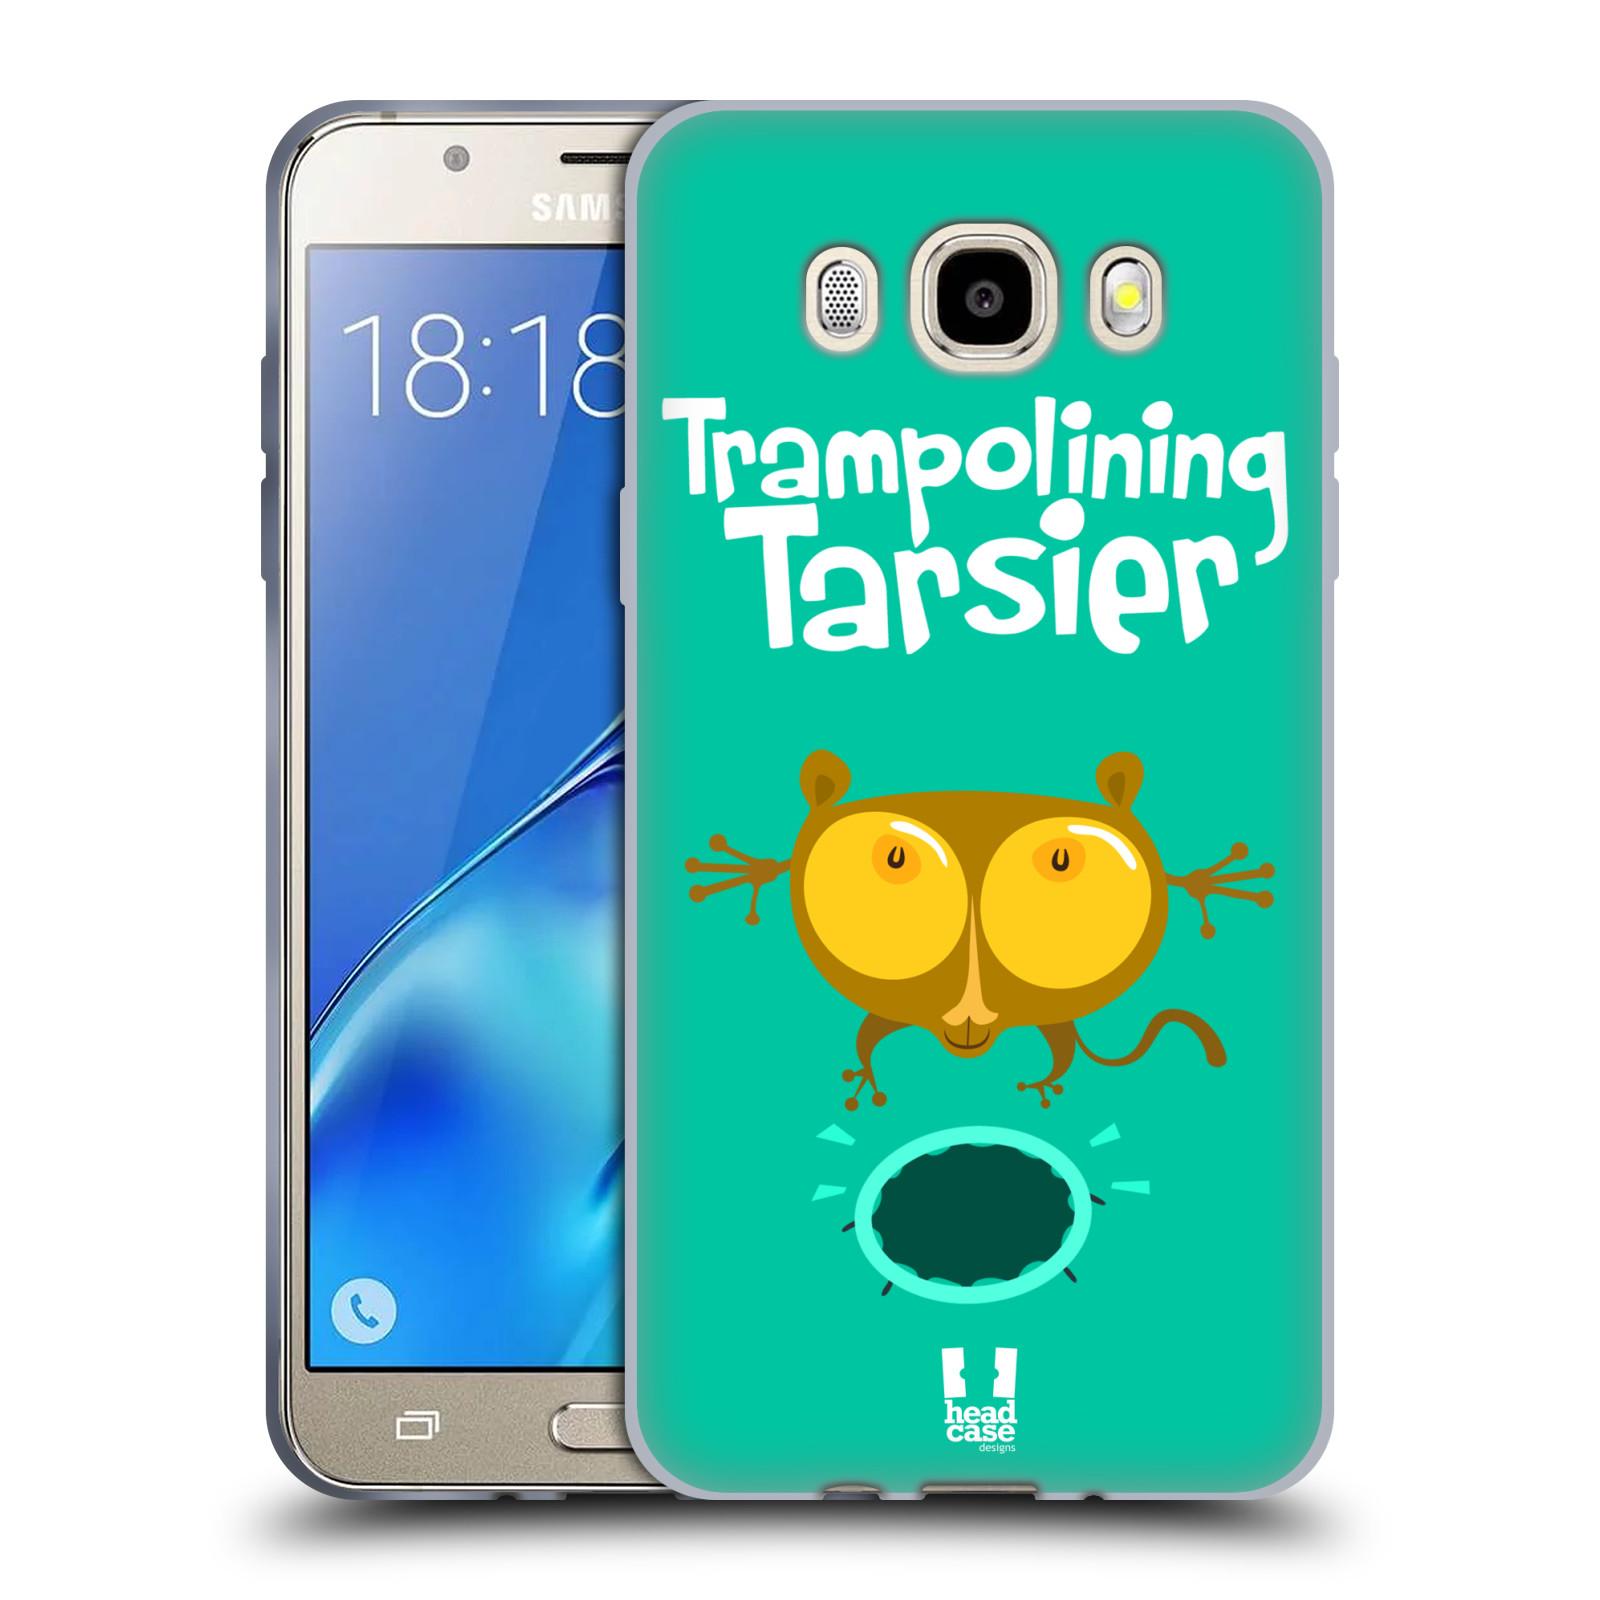 HEAD CASE silikonový obal, kryt na mobil Samsung Galaxy J5 2016, J510, J510F, (J510F DUAL SIM) vzor Zvířátka atleti TARSIER (Nártoun)